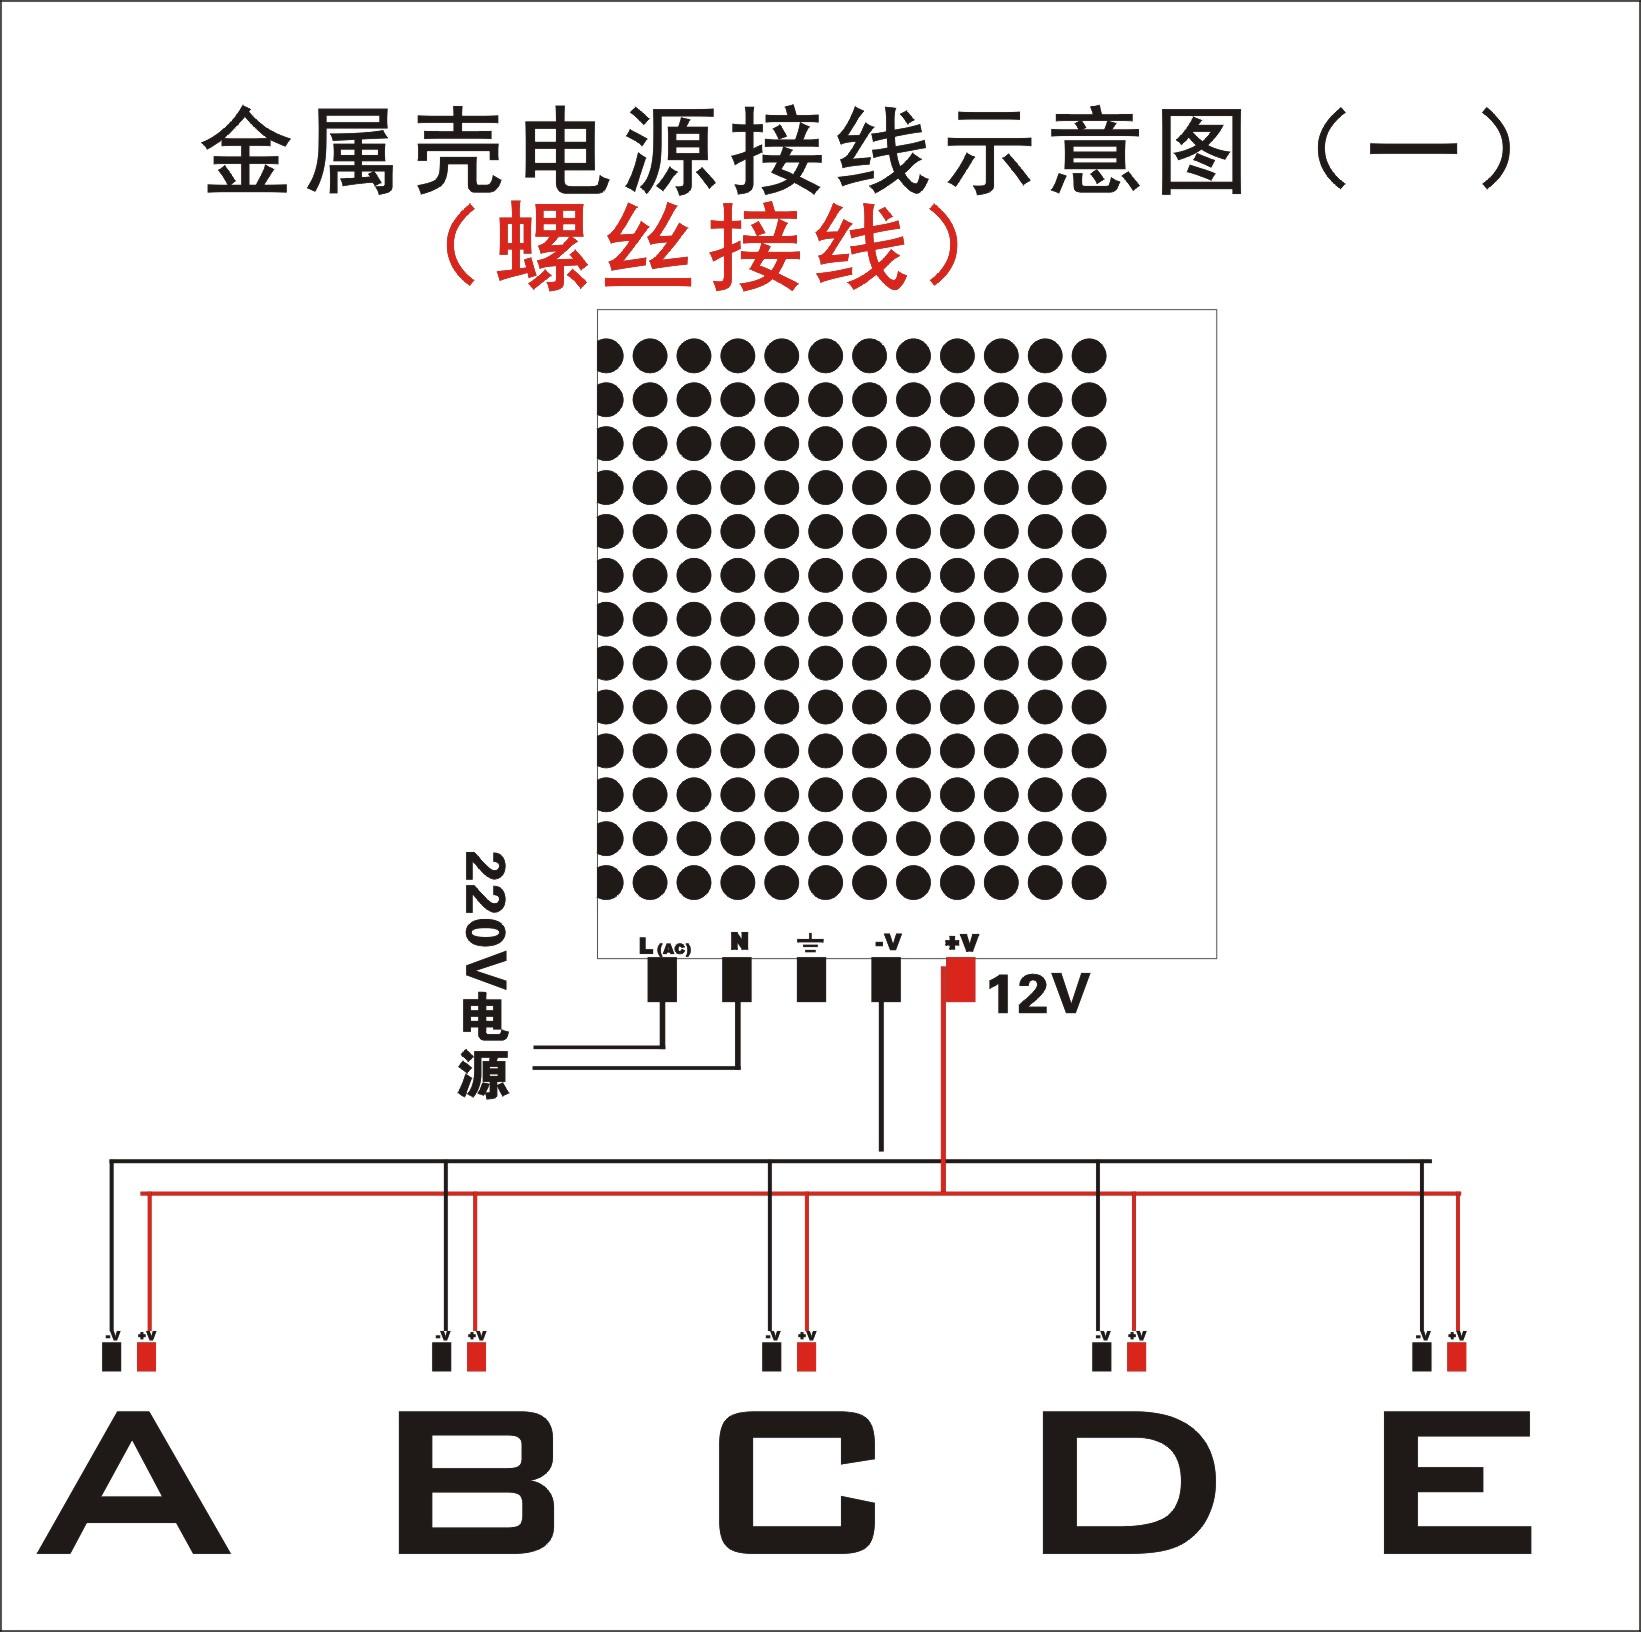 广告发光字安装详细步骤----二维码